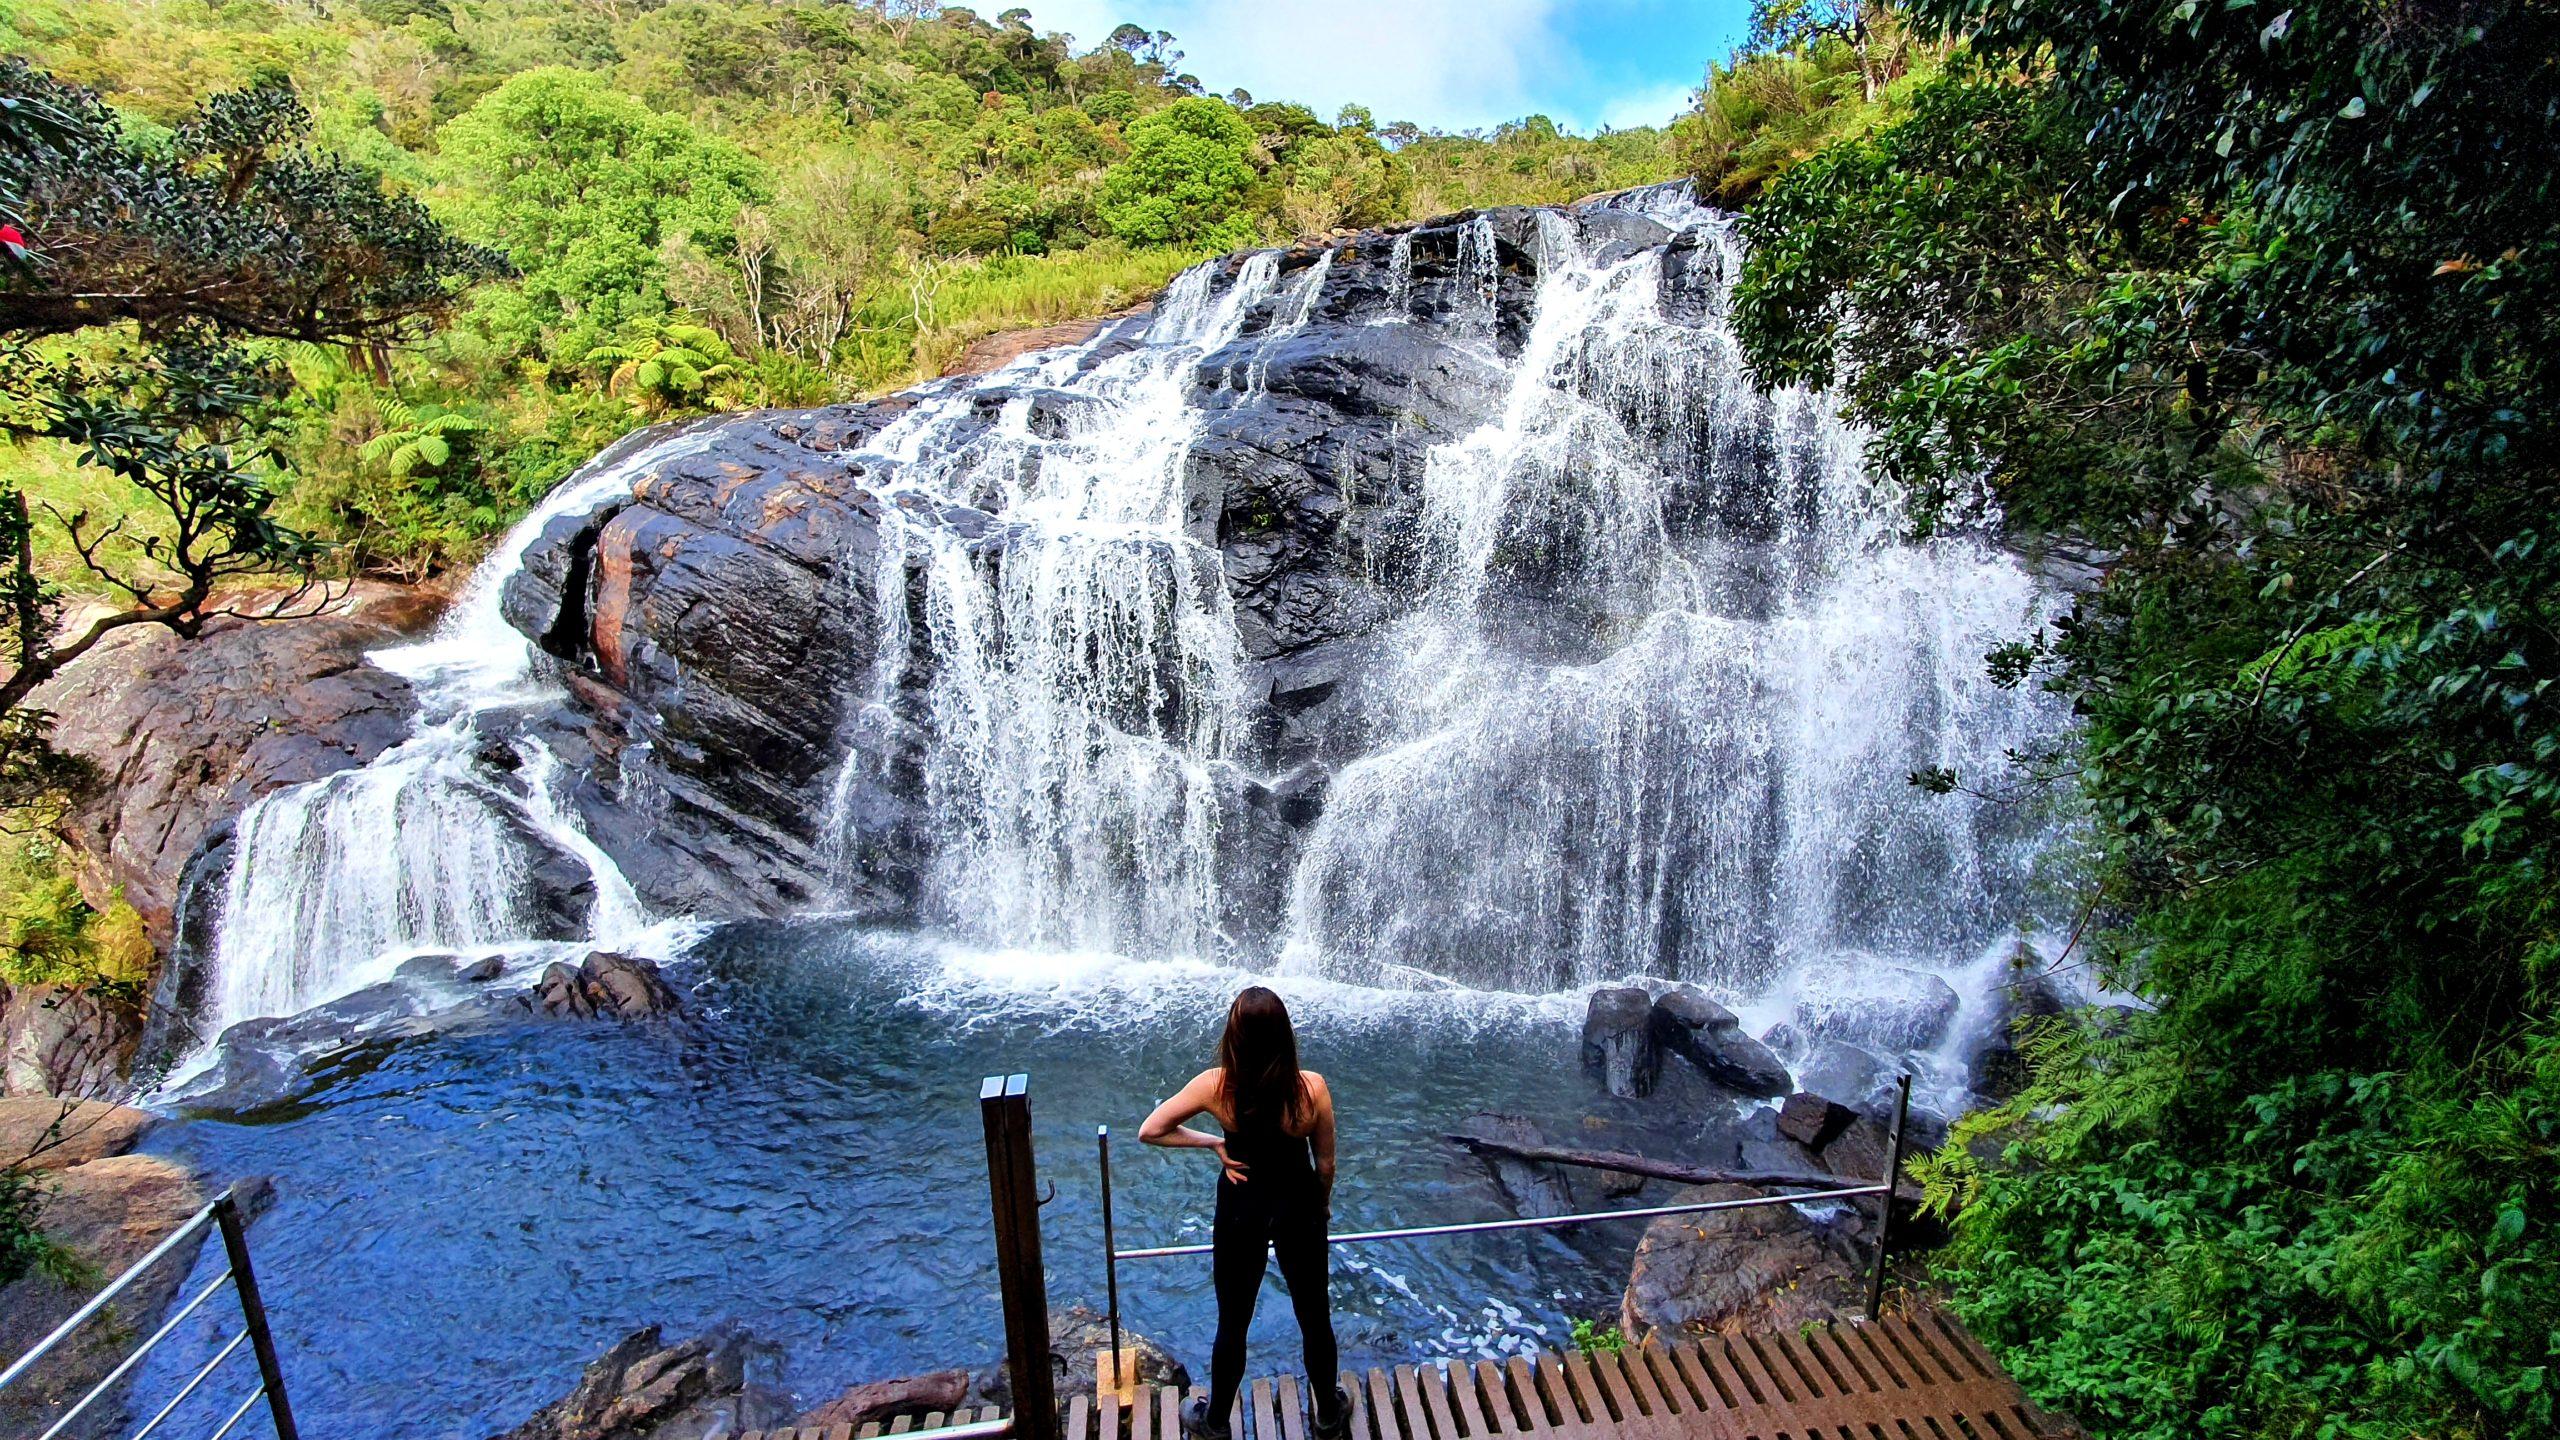 Bakers Falls Horton Plains Sri Lanka worth doing